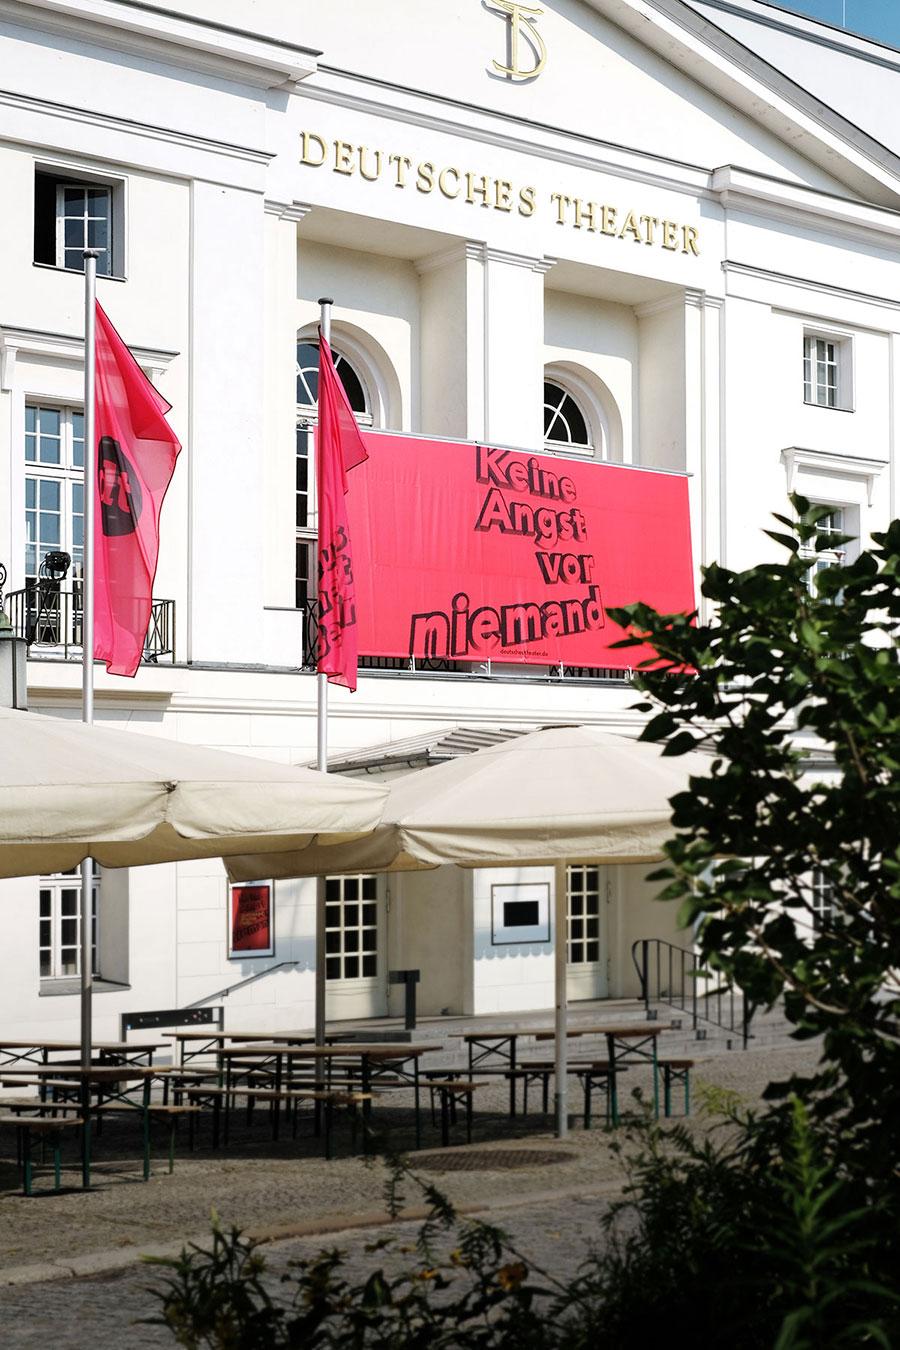 Deutsches Theater Berlin Aussenansicht Fassadenplakat Werbung Spielzeit Keine Angst vor niemand